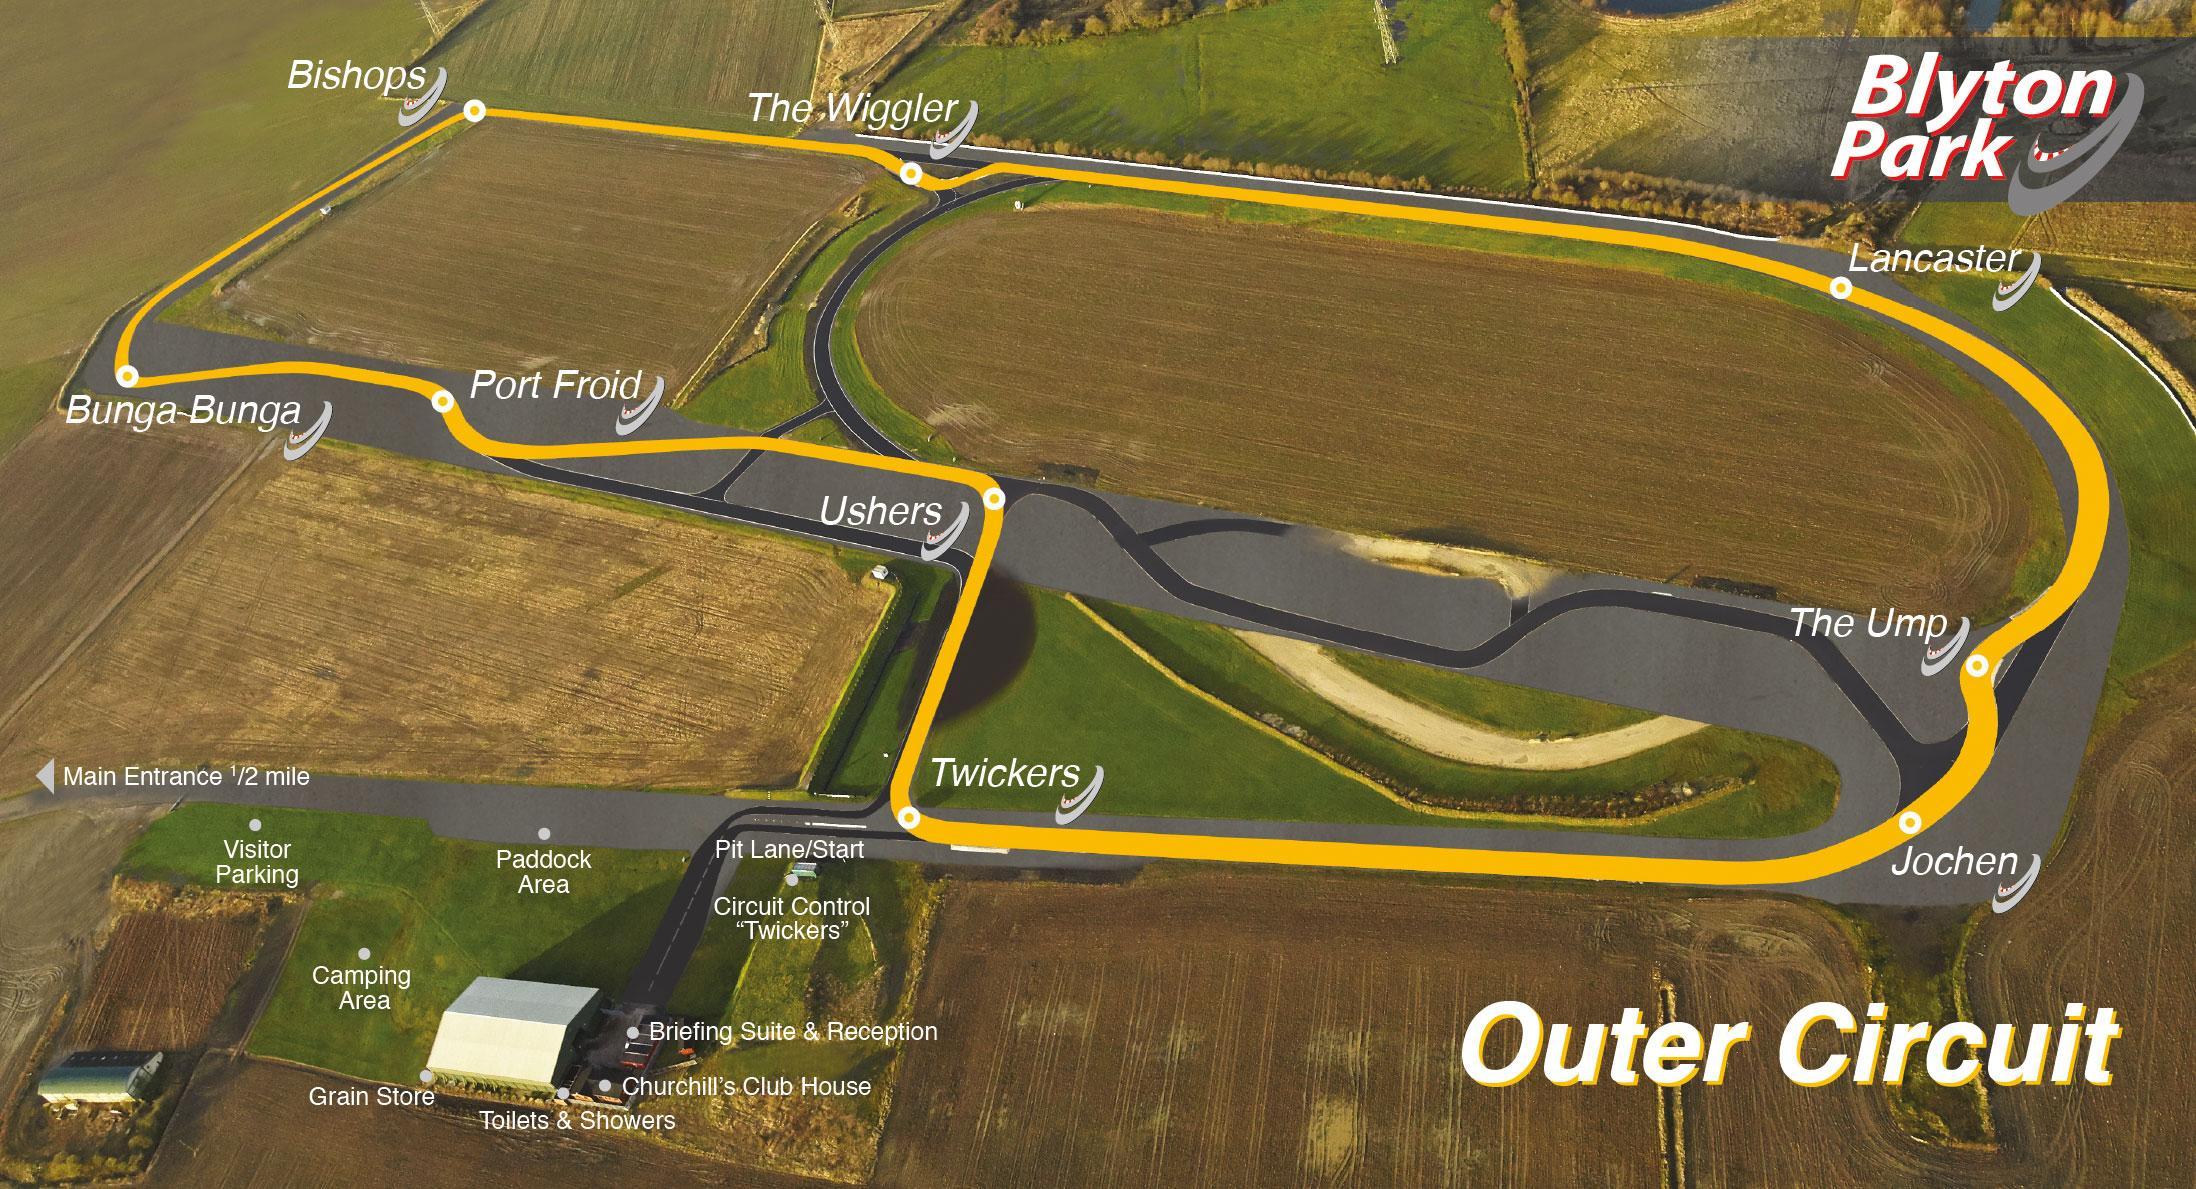 Jaguar F Type S >> Blyton Park Outer Circuit lap times - FastestLaps.com